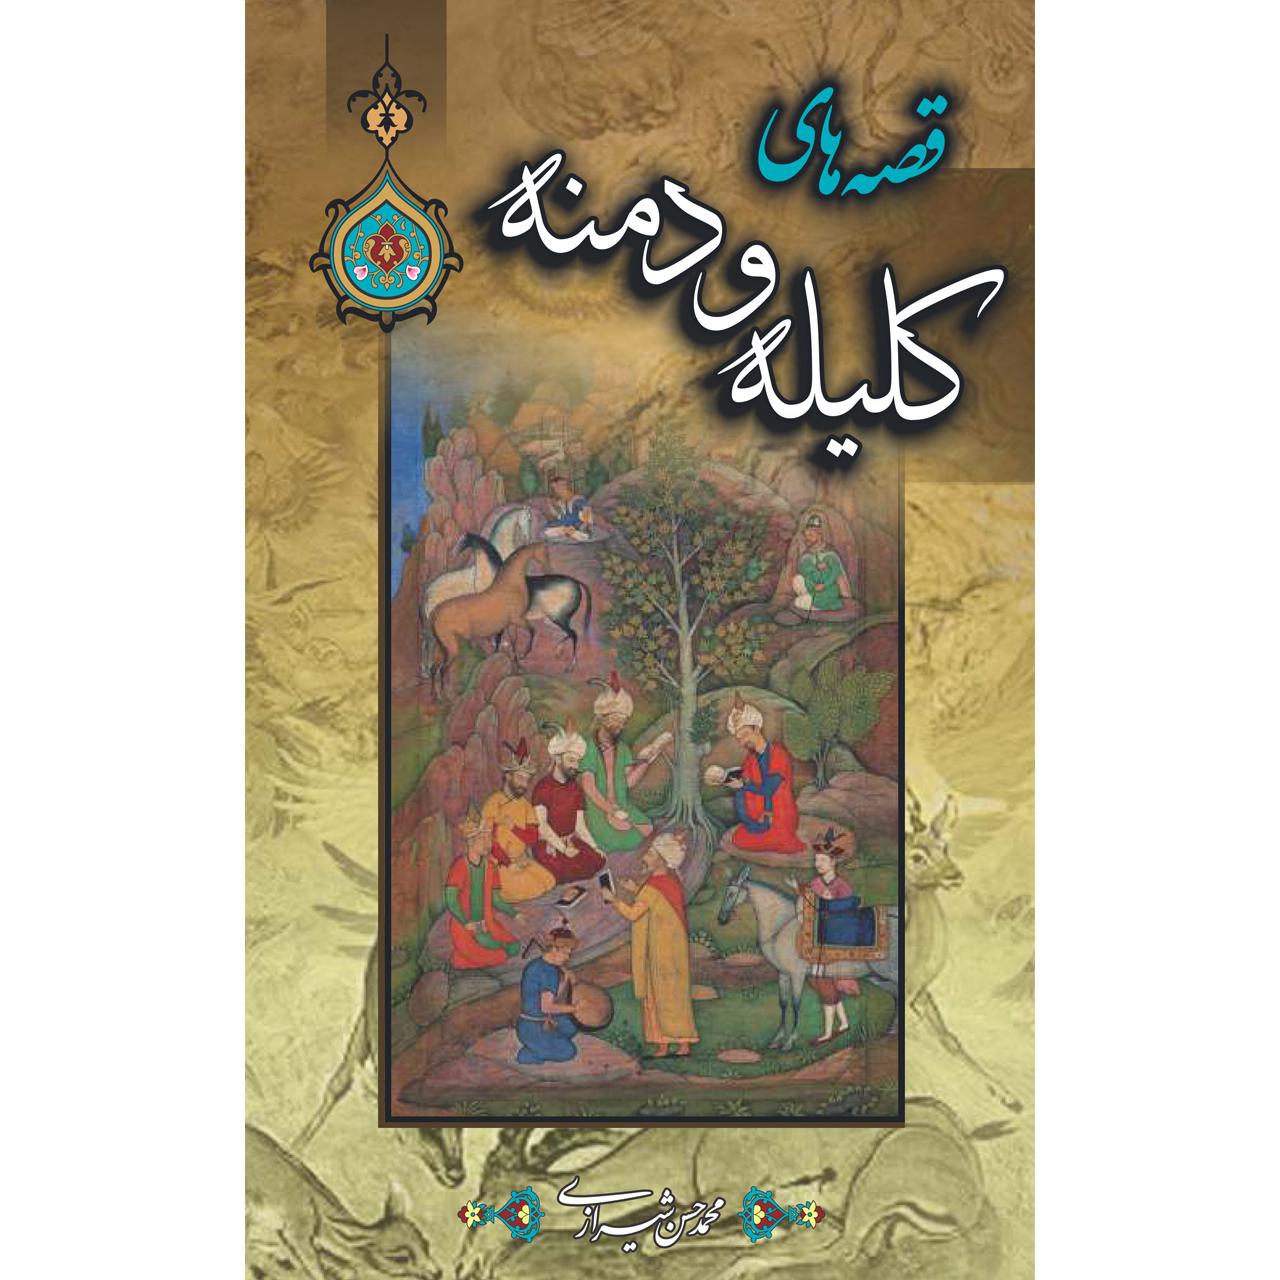 کتاب قصه های کلیله و دمنه اثر محمدحسن شیرازی انتشارات پیام محراب